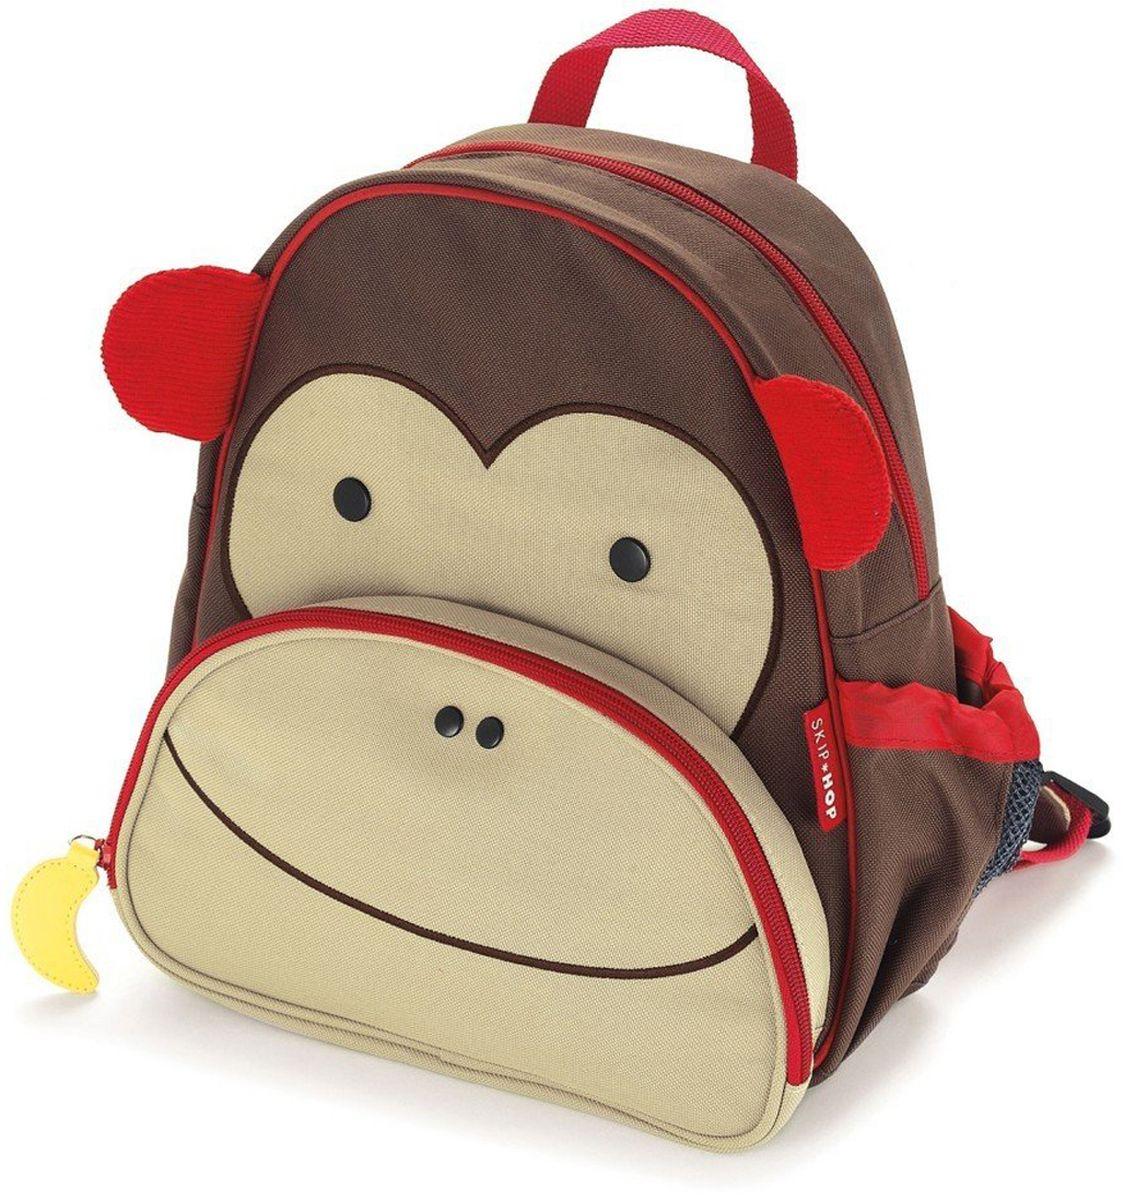 SkipHop Рюкзак дошкольный ОбезьянаMI16-FLS-08Рюкзачок Skip Hop Zoo Pack каждый день будет радовать вашего малыша, вызывать улыбки у прохожих и зависть у сверстников. С ним можно ходить в детский сад, спортивные секции, на прогулку, в гости к бабушке или ездить на экскурсии. В основной отсек легко поместится книжка, альбом для рисования, краски, фломастеры, любимая игрушка и контейнер с едой, а специальный кармашек сбоку предназначен специально для бутылочки с водой. Передний кармашек на молнии предназначен для мелких вещичек. Внутренний кармашек на резиночке зафиксирует положение содержимого: не даст выпасть фломастерам или сломаться киндер-сюрпризу. Рюкзачок выполнен из прочной ткани, способной выдерживать бесконечное количество стирок в машинке. Лямки рюкзачка мягкие, регулируемые. • Размер: 11 x 25 х 29 см. • Для детей с 3 лет.